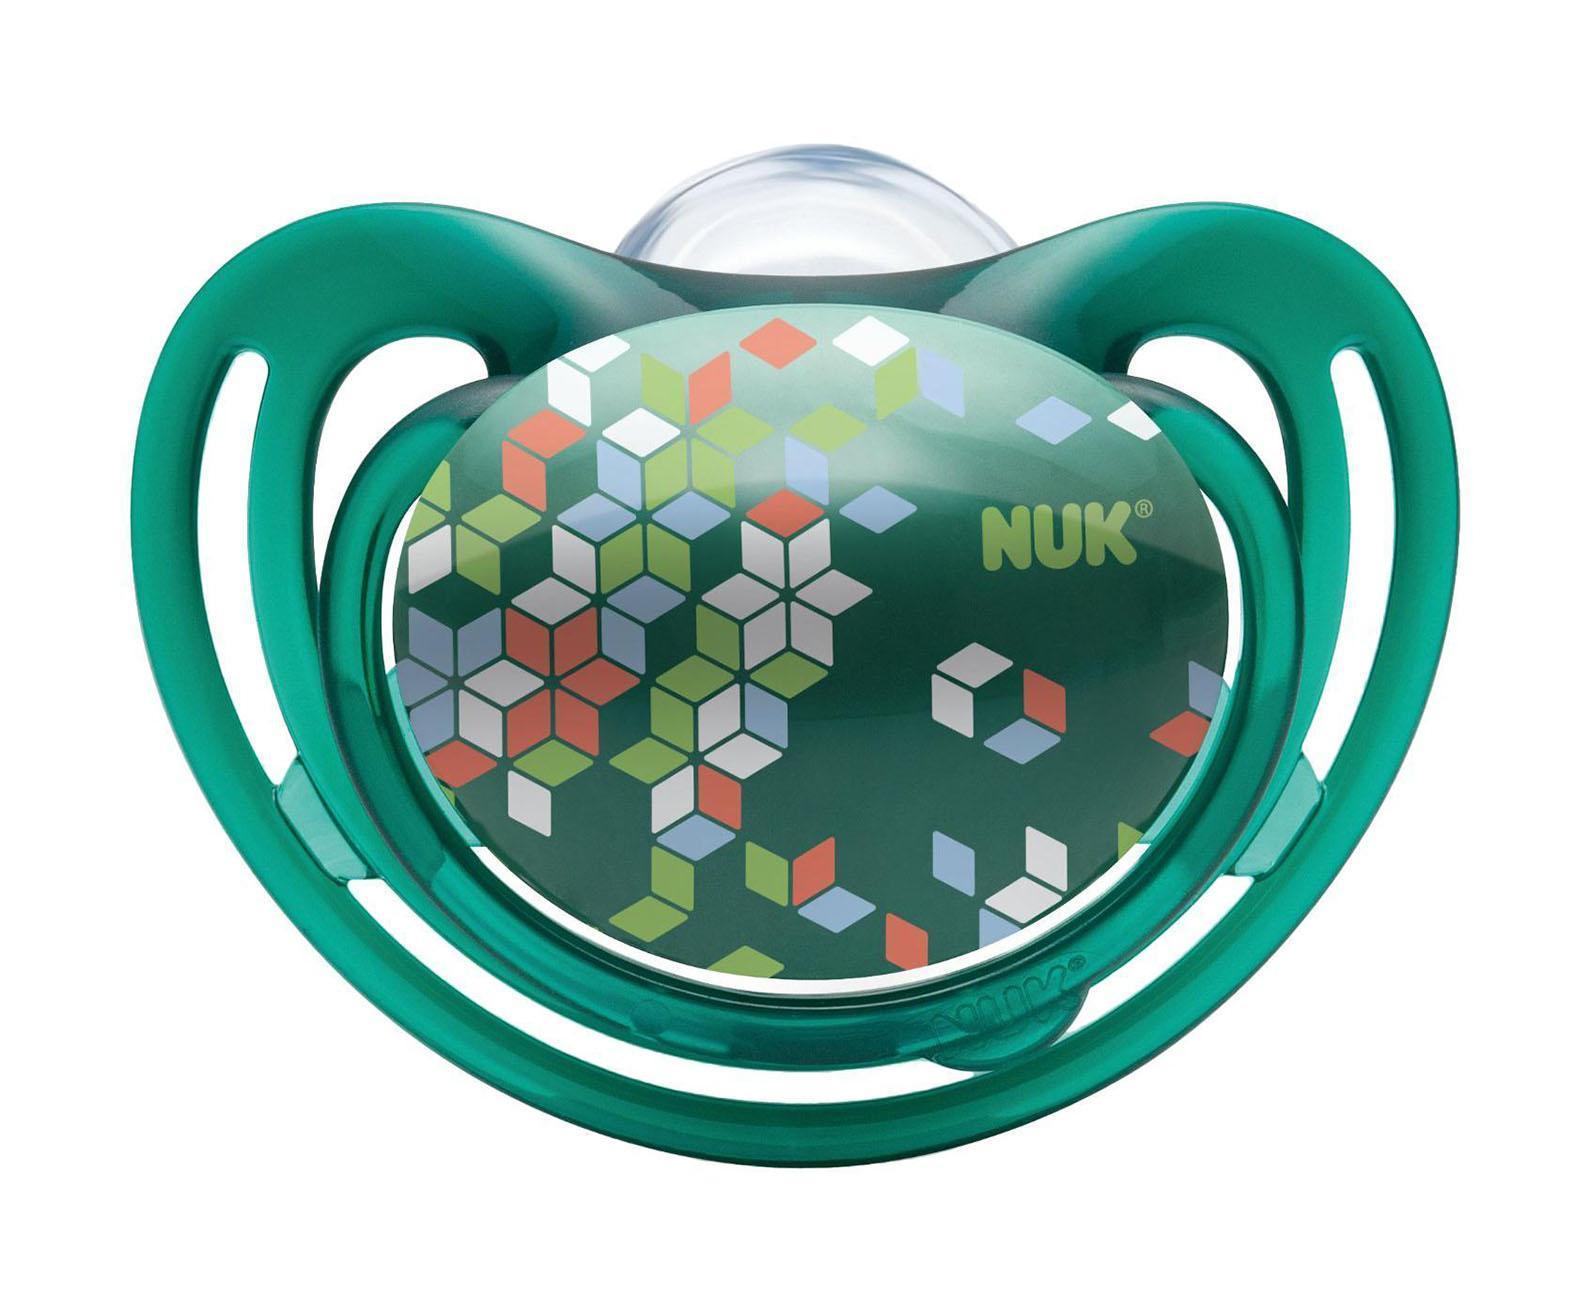 Пустышка силиконовая для сна NUK Freestyle, от 18 до 36 месяцев, ортодонтическая, цвет: зеленый, 2 шт соска пустышка nuk night & day от 18 до 36 месяцев цвет салатовый синий